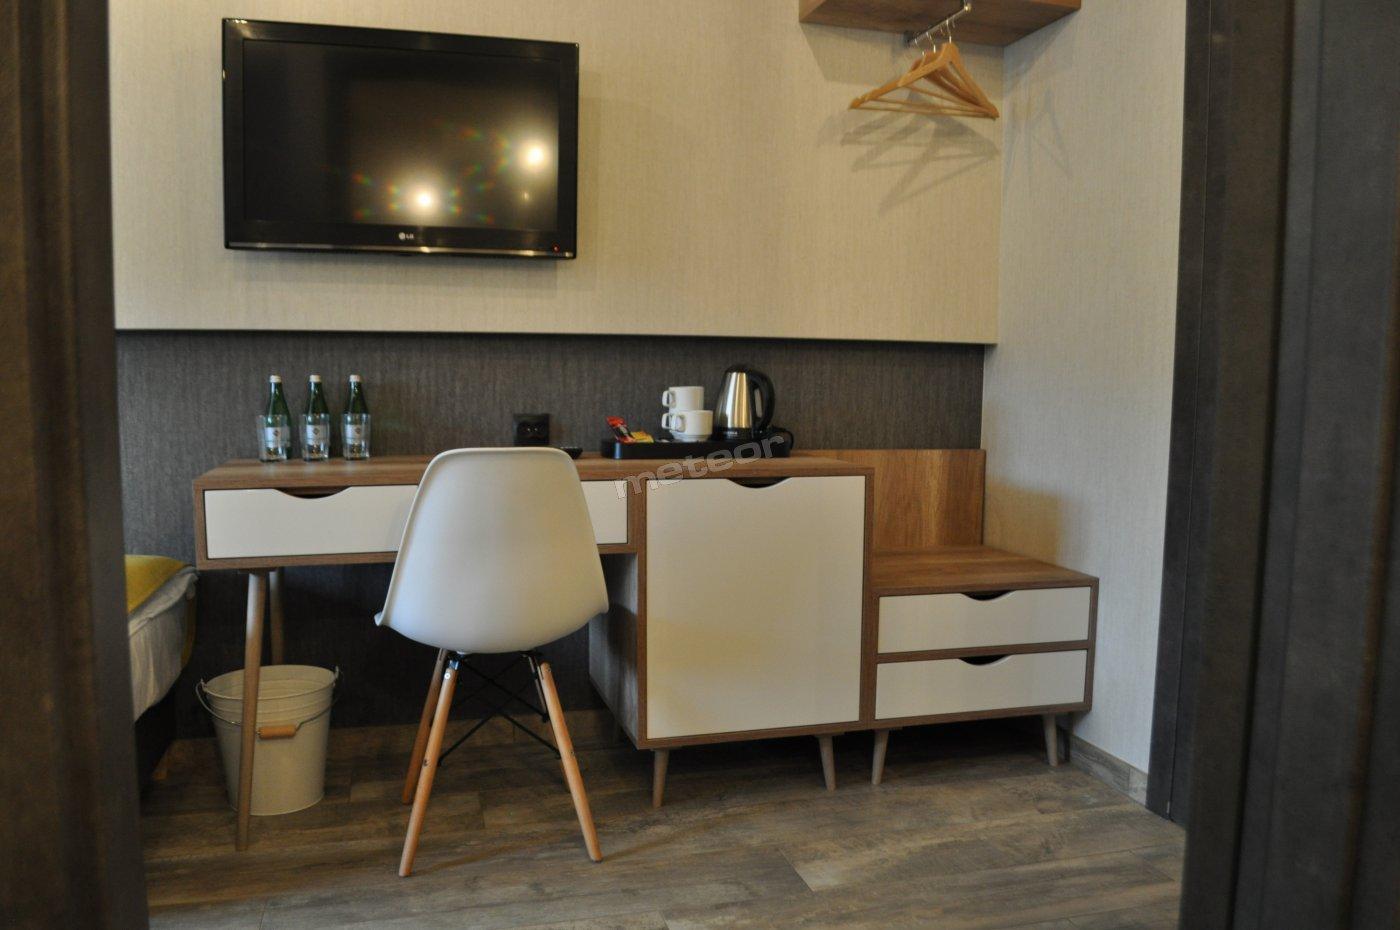 meble w każdym pokoju (biurko, lodówka, miejsce na walizkę, wieszaki) + zestaw powitalny (kawa, herbata, woda)